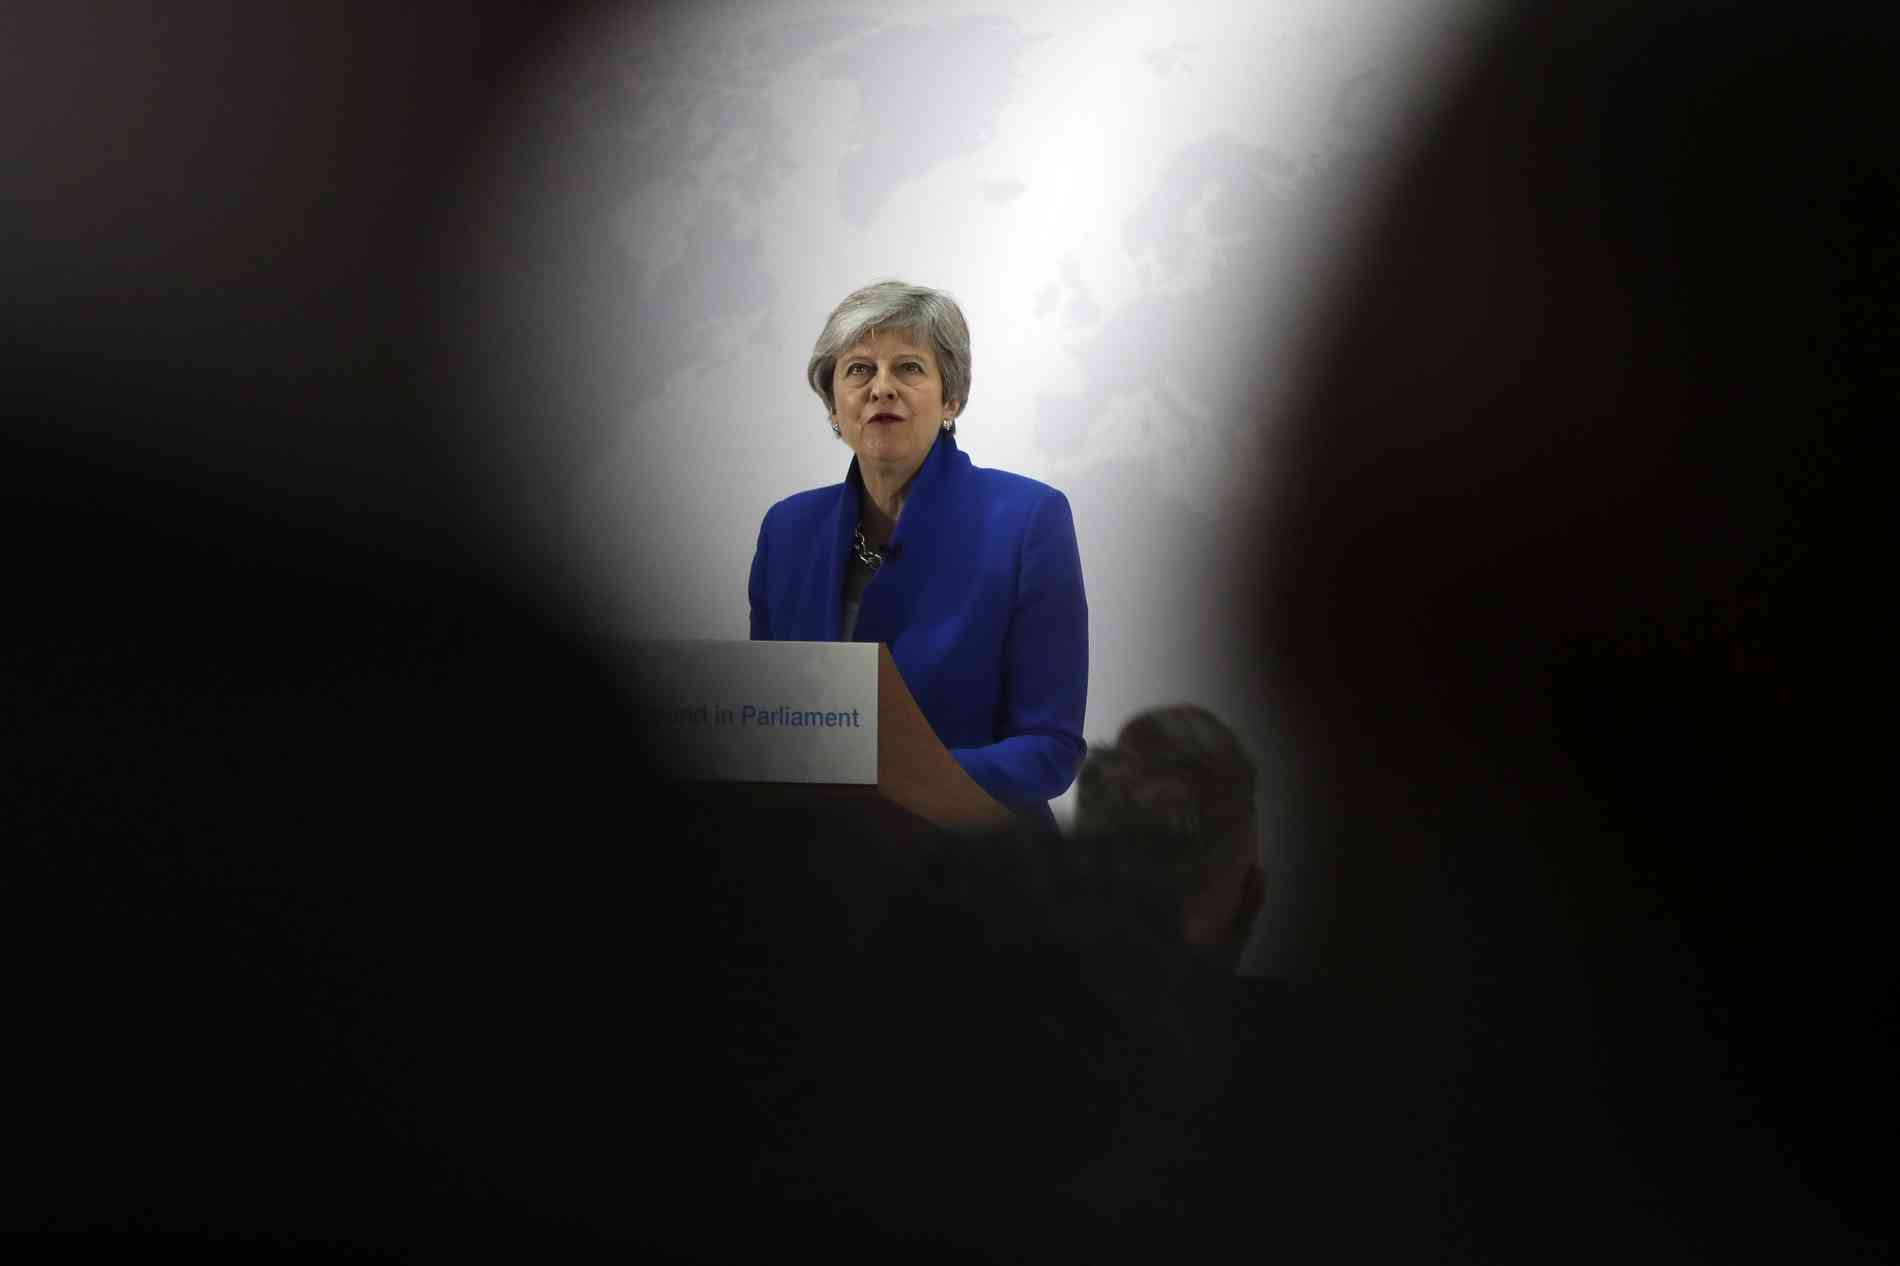 Britische Ministerin Leadsom tritt zurück - Druck auf May